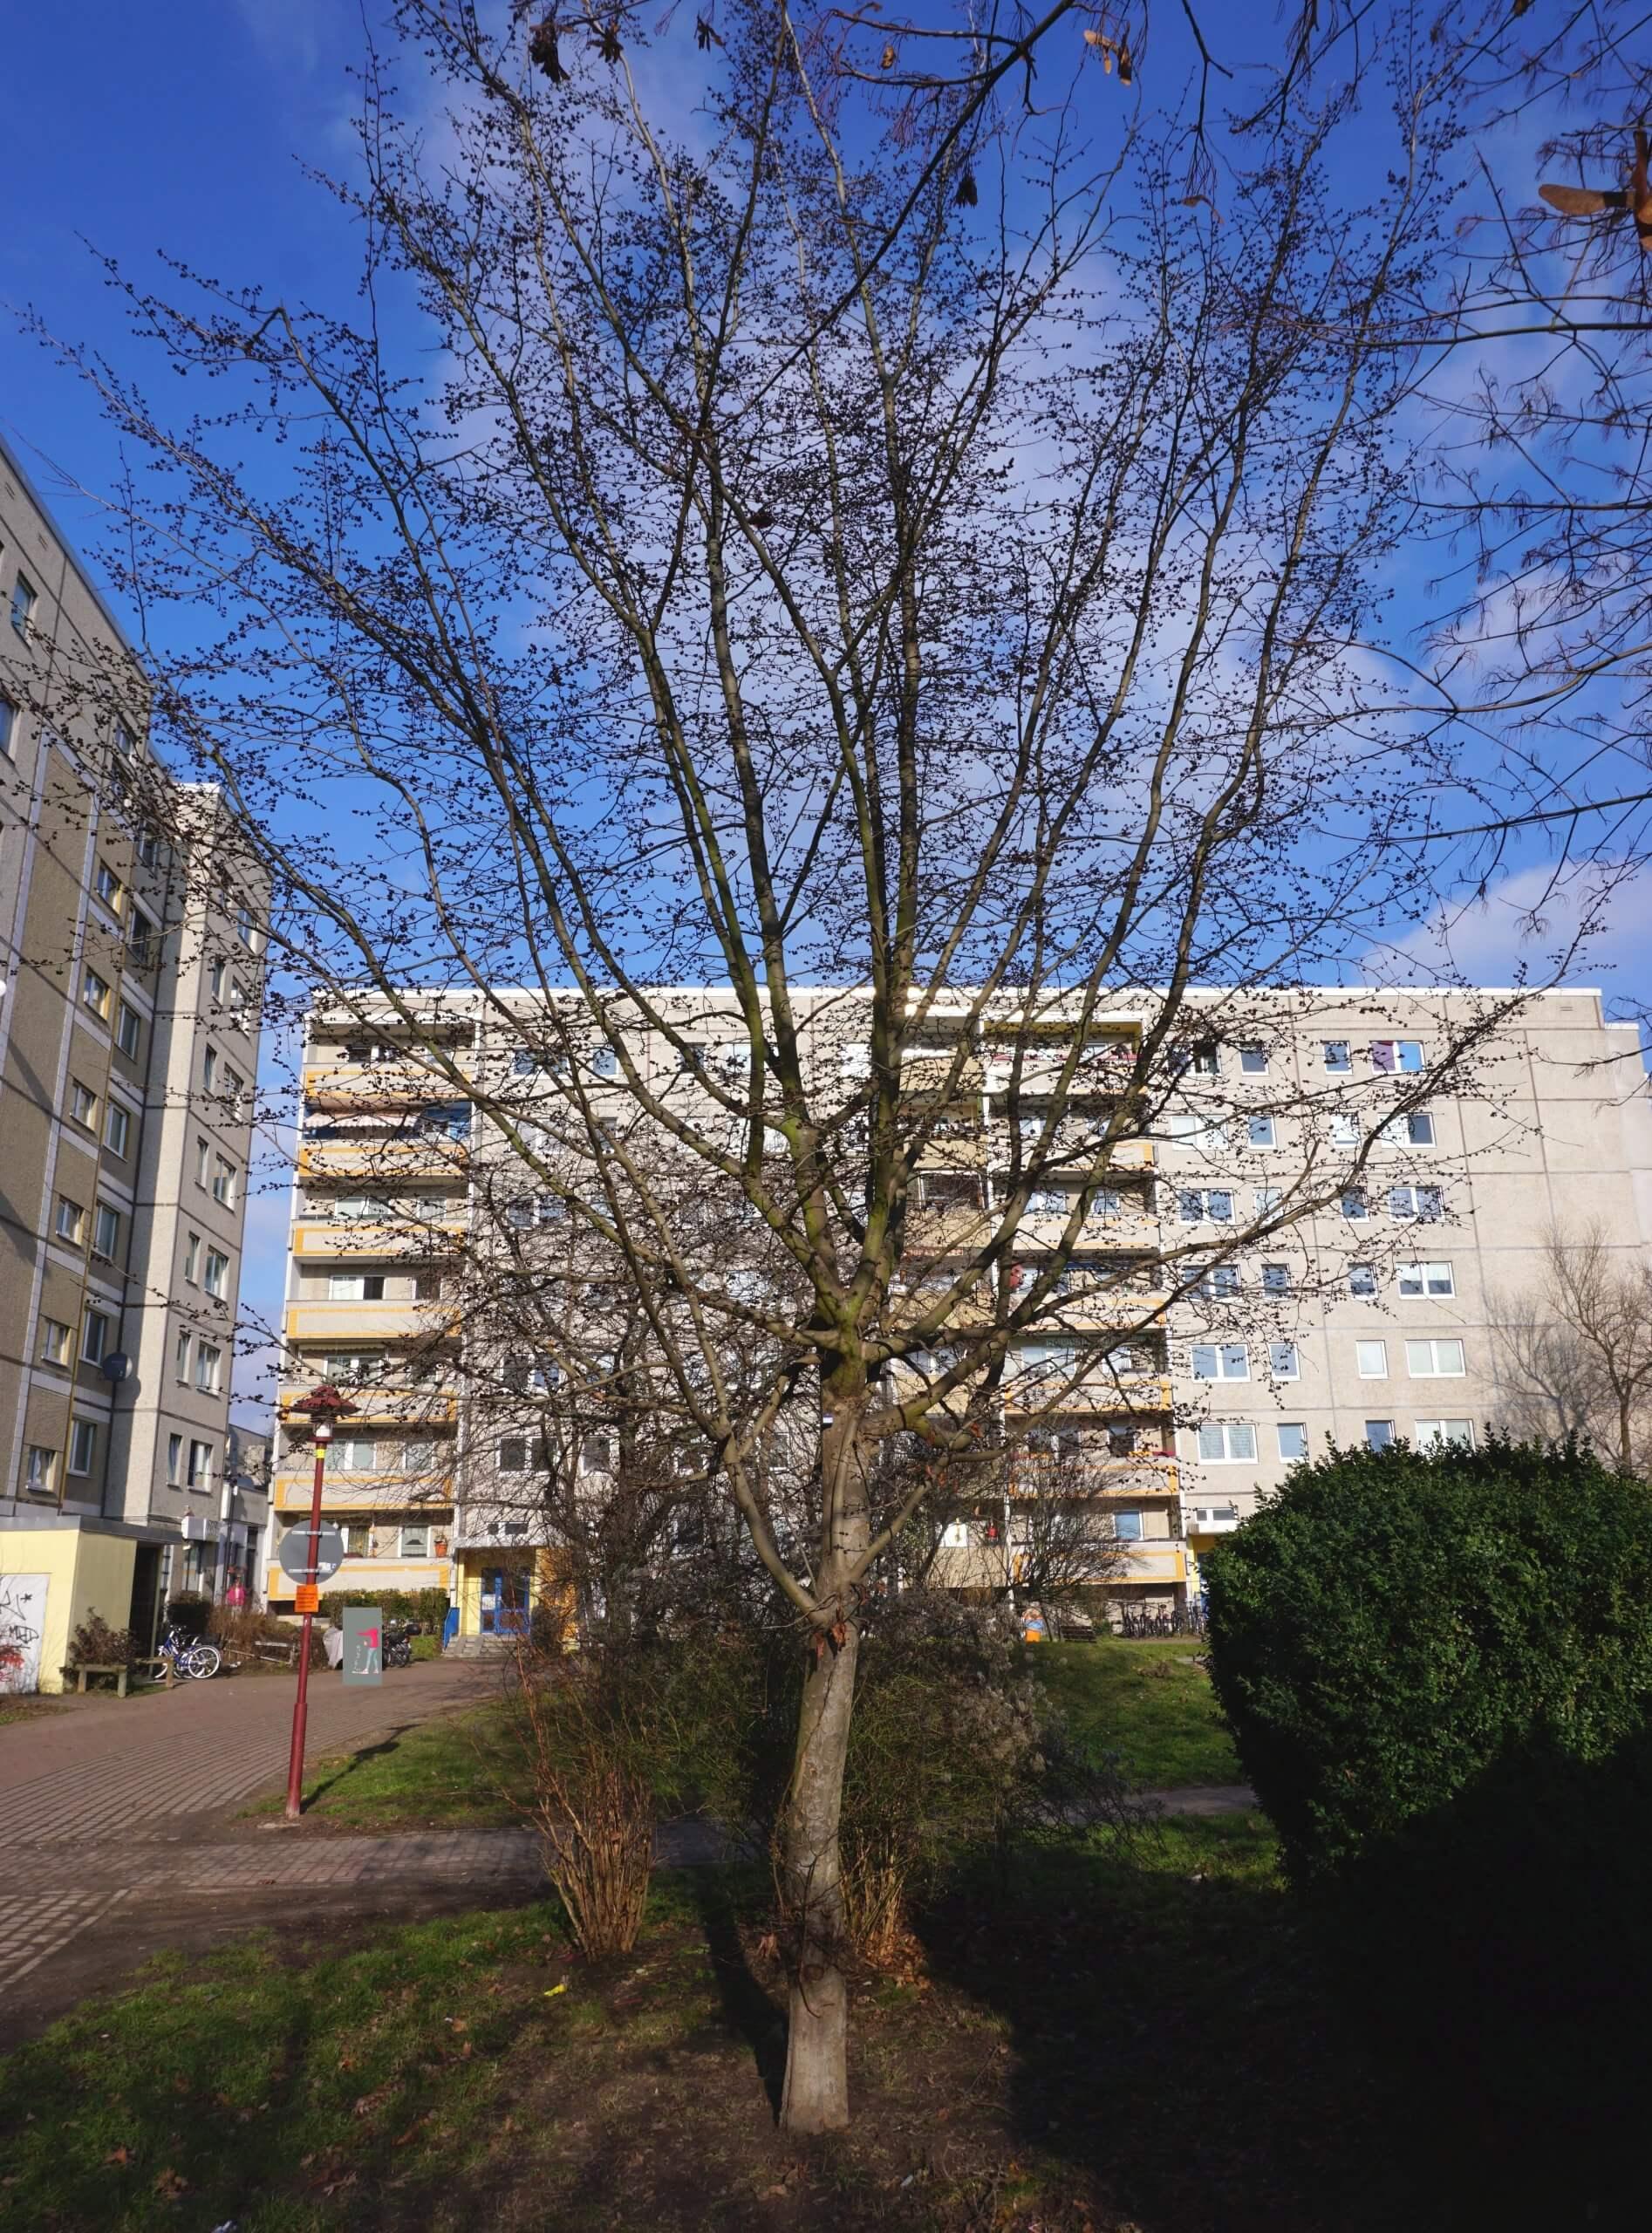 Das Bild zeigt einen Parrotien-Baum, der als Bestandteil der Grünanlage im Innenhofbereich der Anlieger Ortolfstraße im Kosmosviertel zu finden ist. Hier, Ende Januar 2021, sind seine Zweige mit den dunkelbraunen, aufbrechenden Blütenknospen bedeckt. Die Blüte hat schon begonnen.